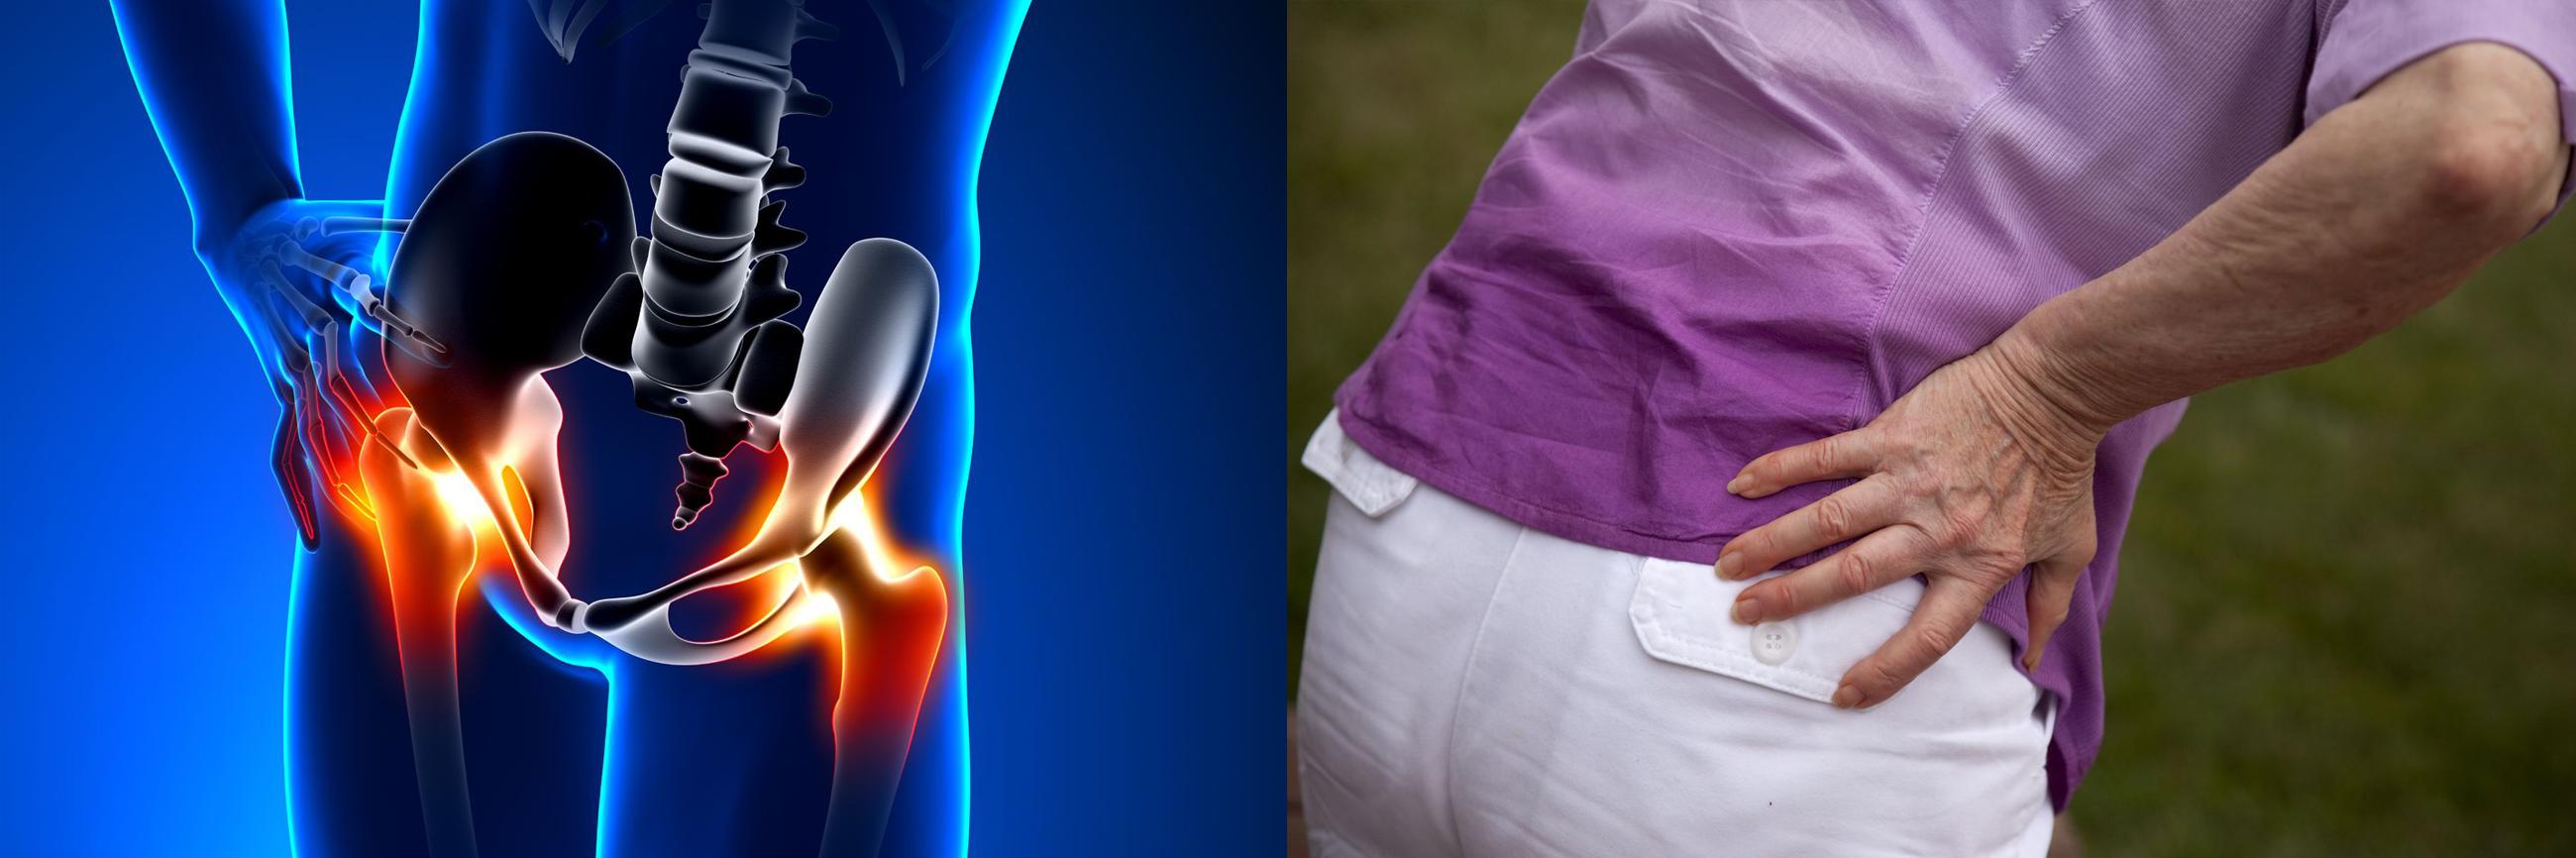 ízületi fájdalom csípő okoz